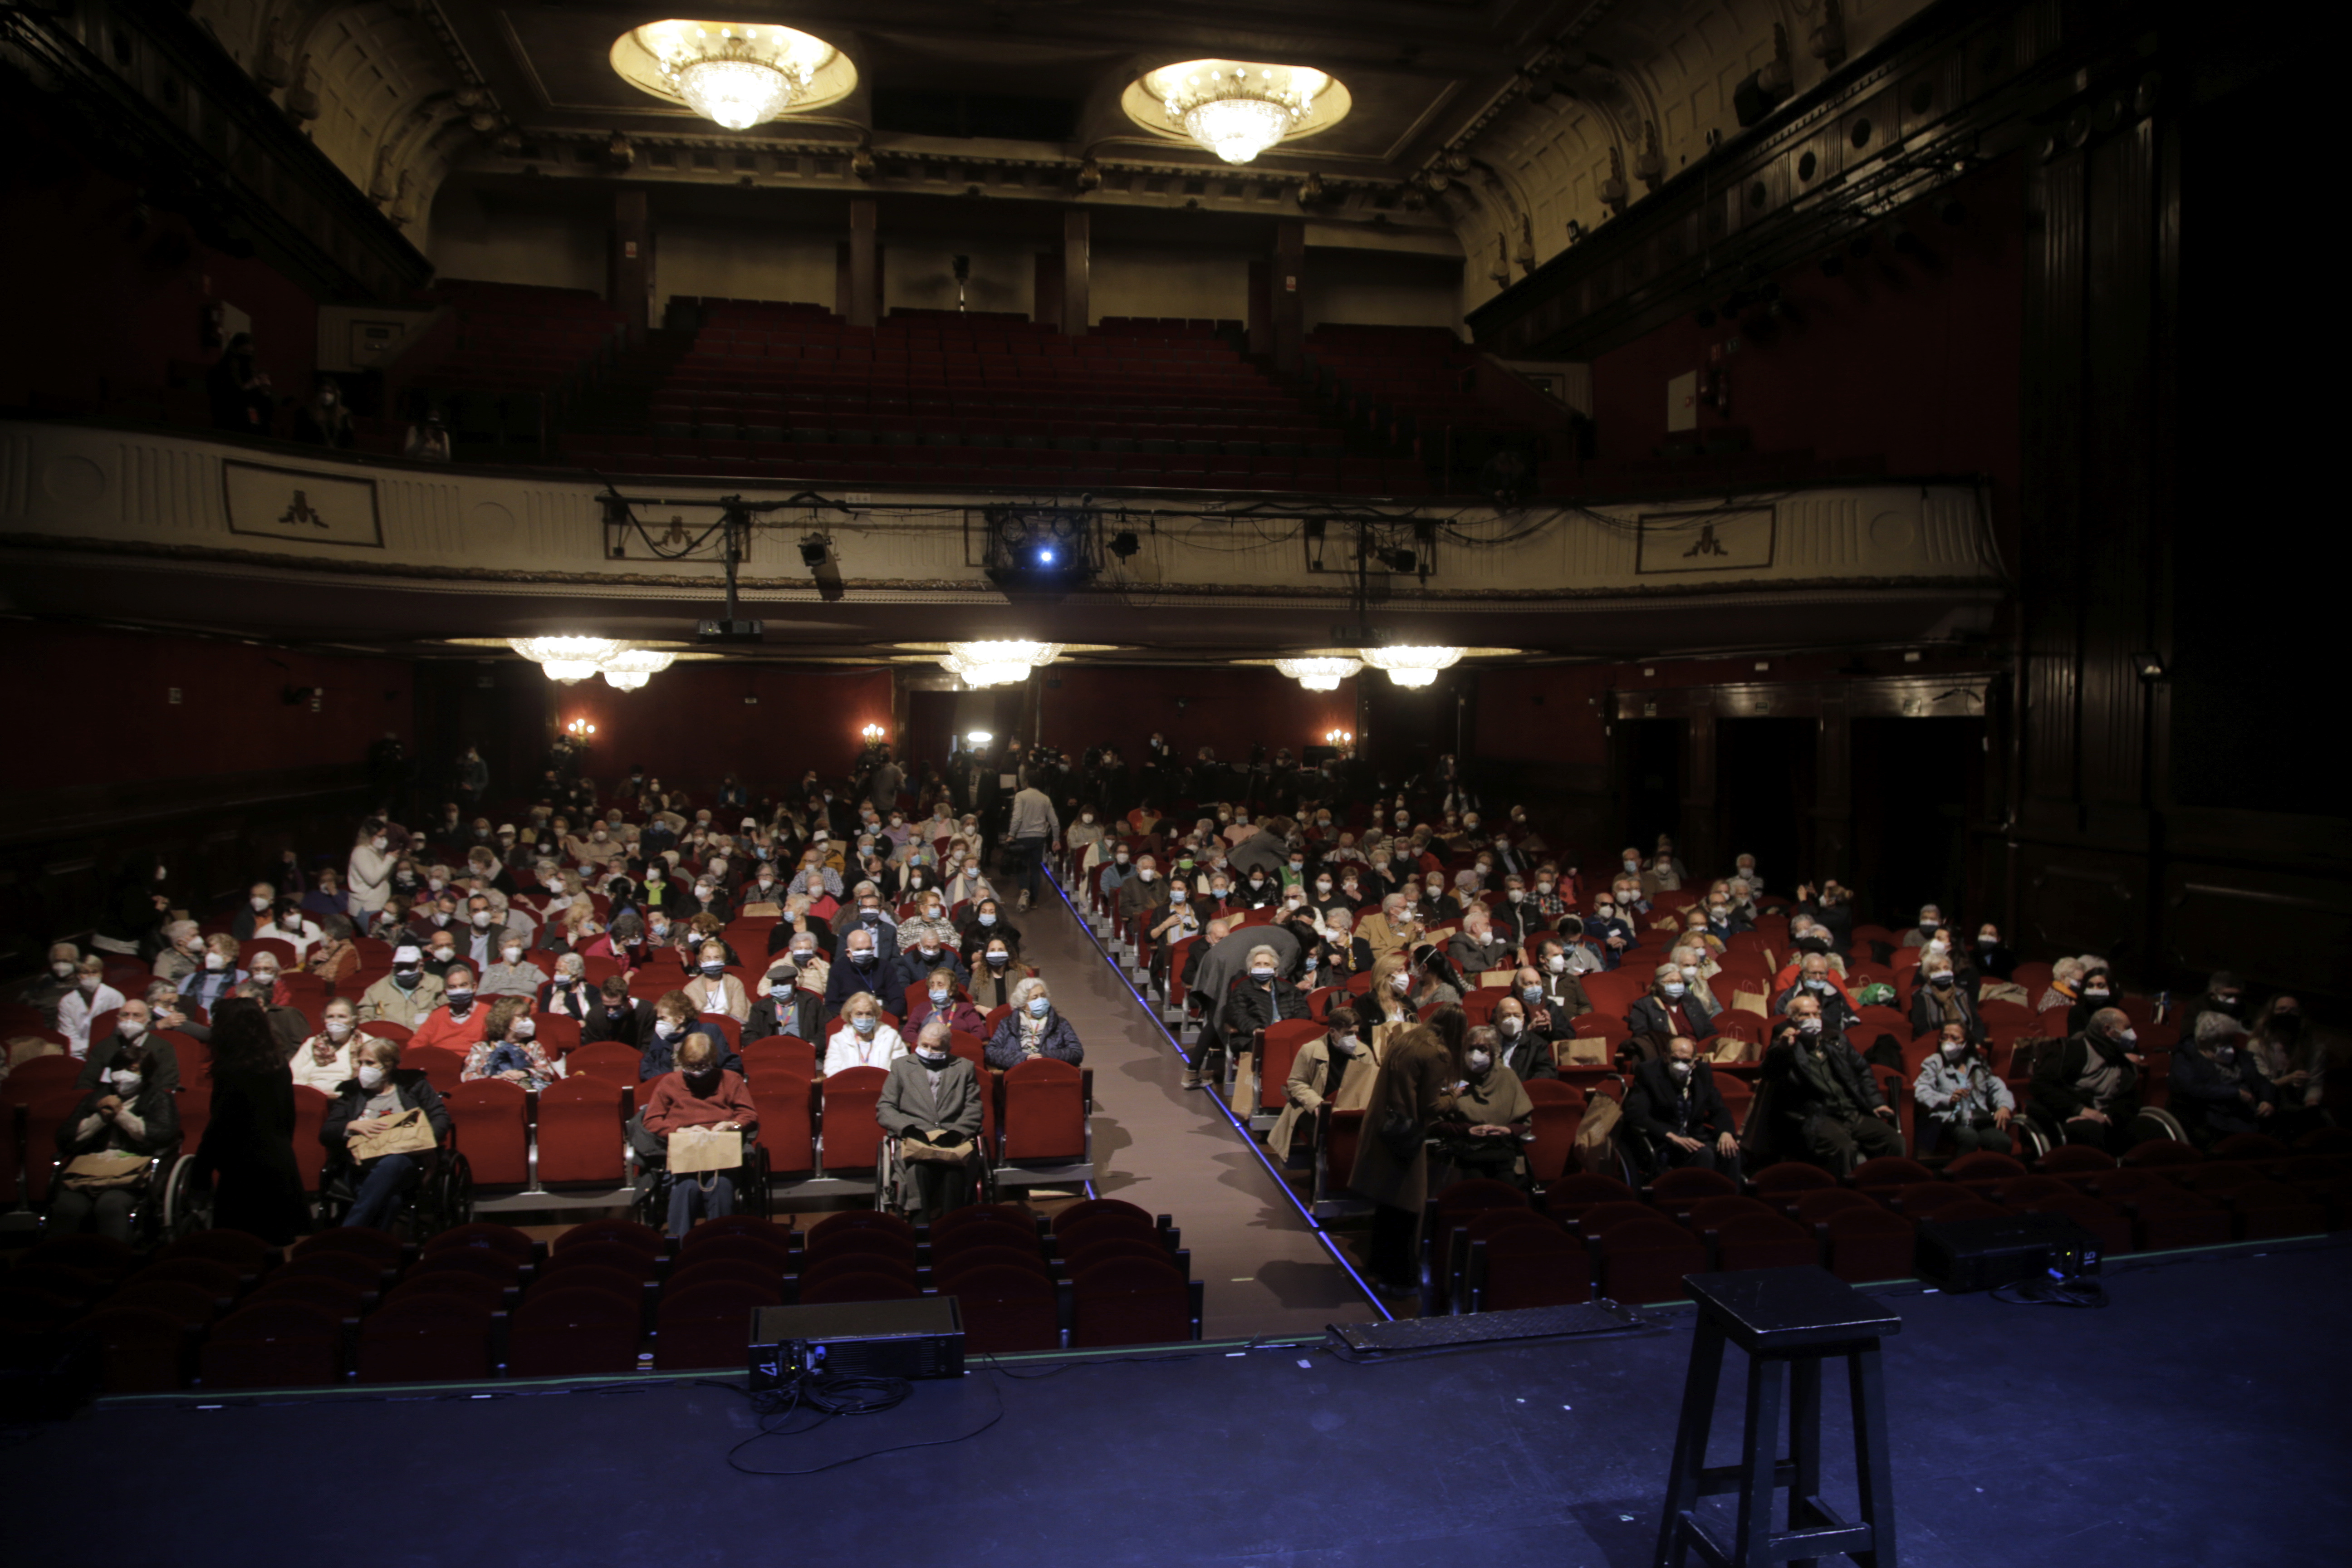 El día en que cerraron los teatros